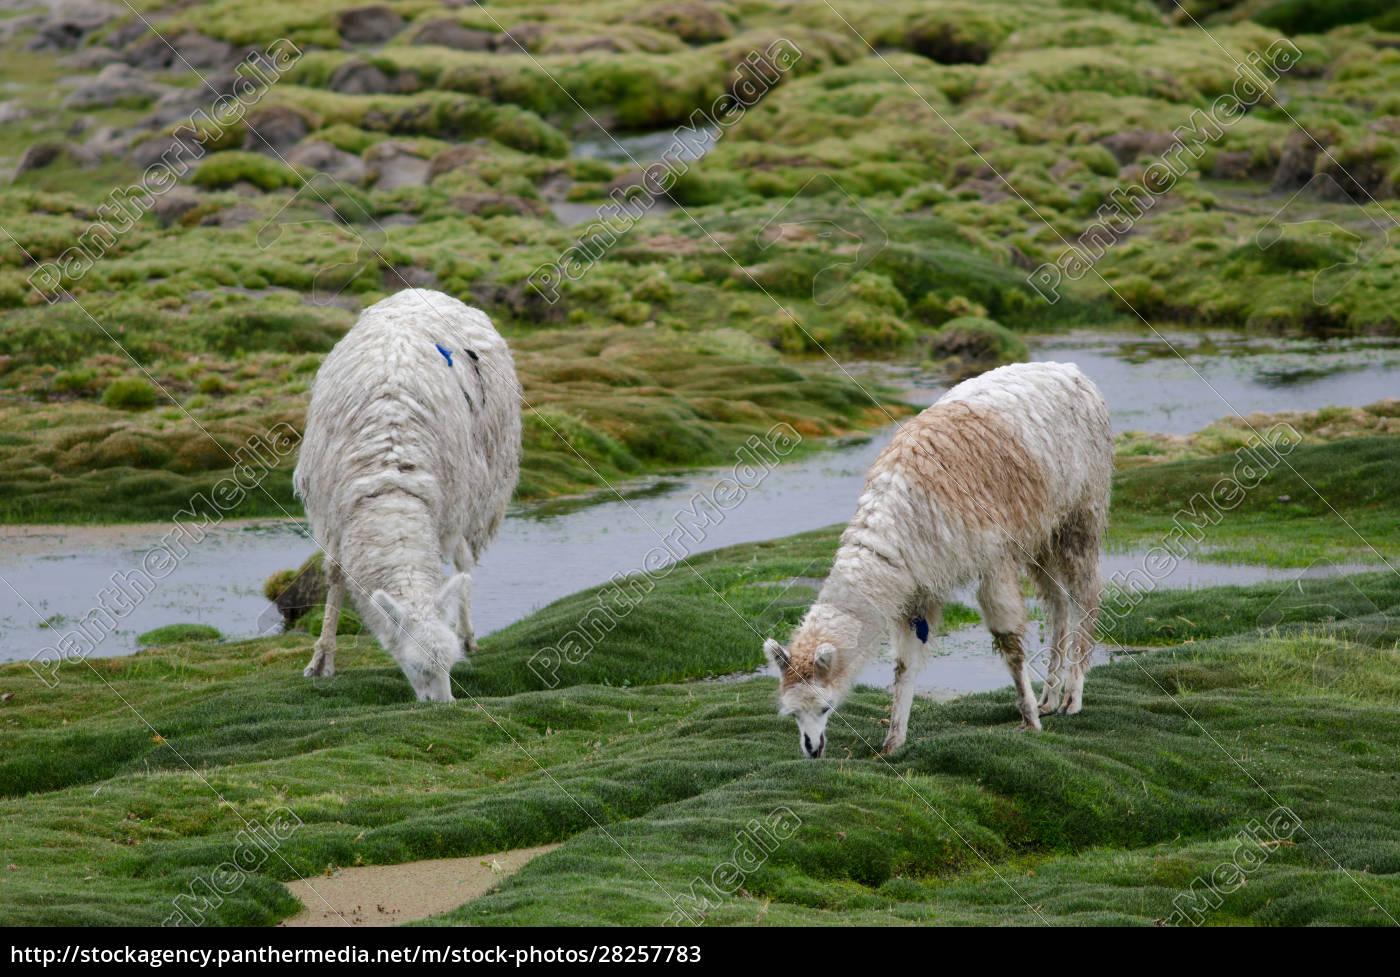 alpacas, vicugna, pacos, grazing, in, a - 28257783